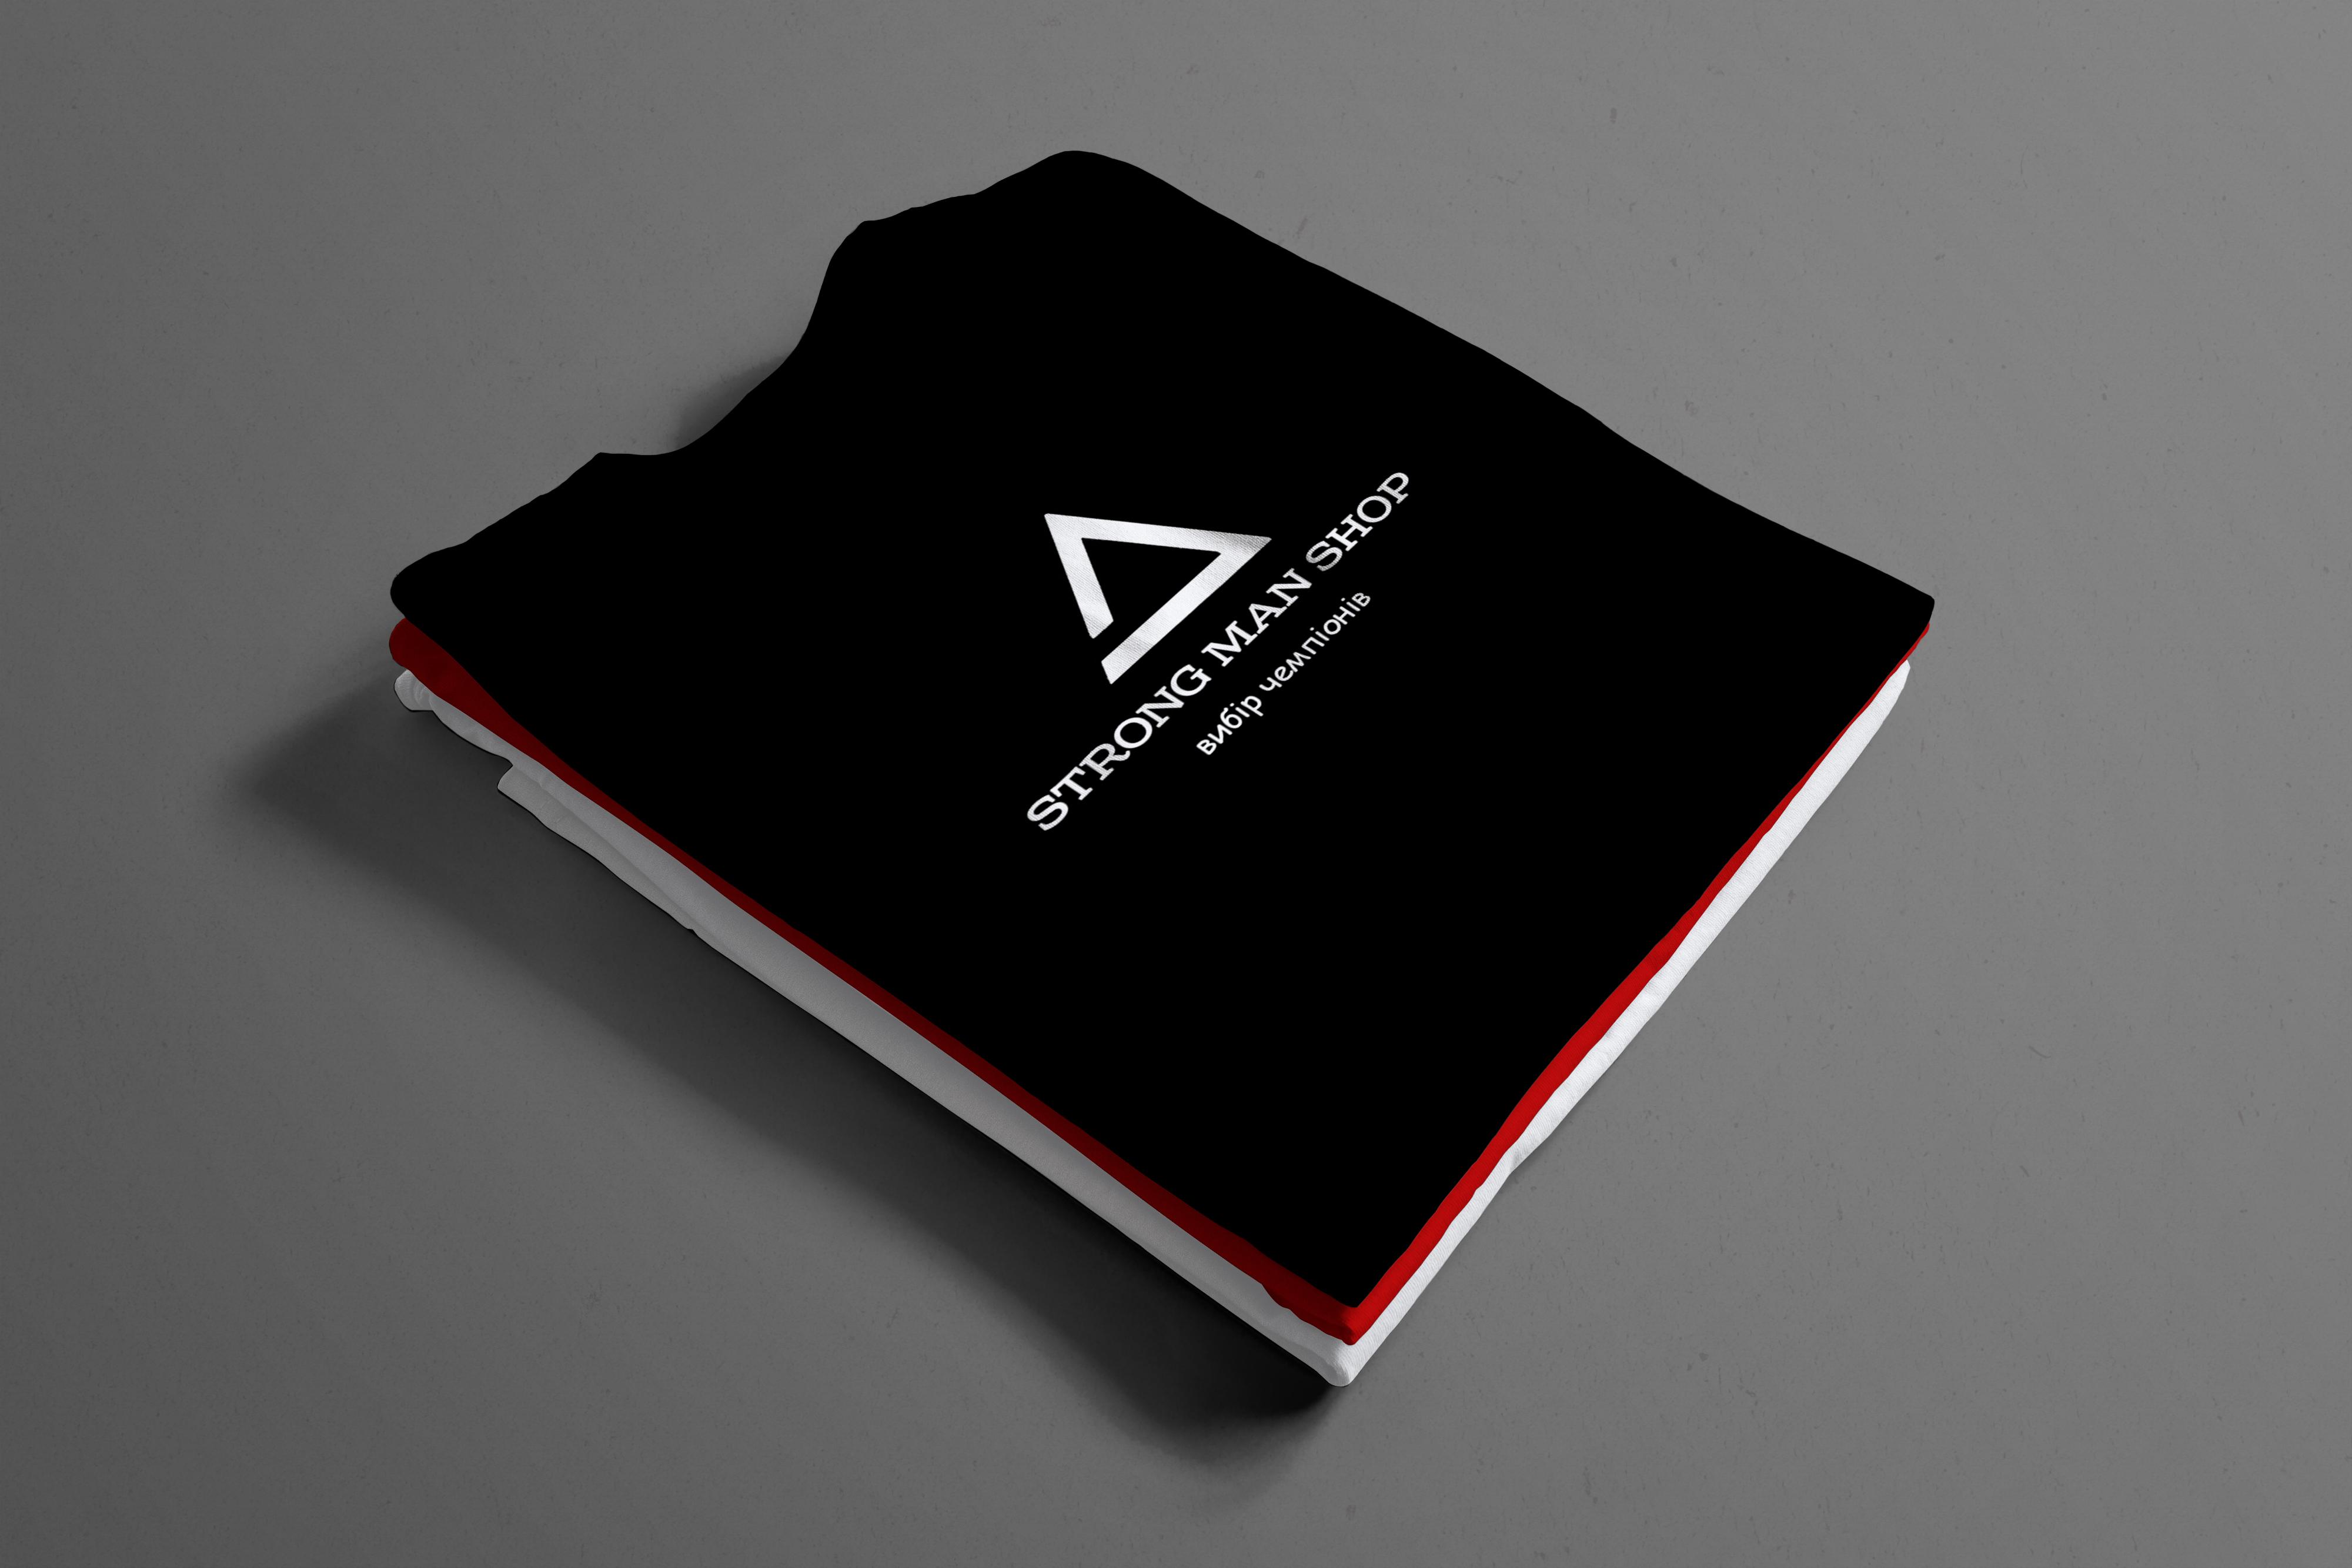 Фото Разработка логотипа для спортивного магазина (Instagram) STRONG MAN SHOP Среда разработки: Adobe Photoshop Время работы: ~1.5 часа